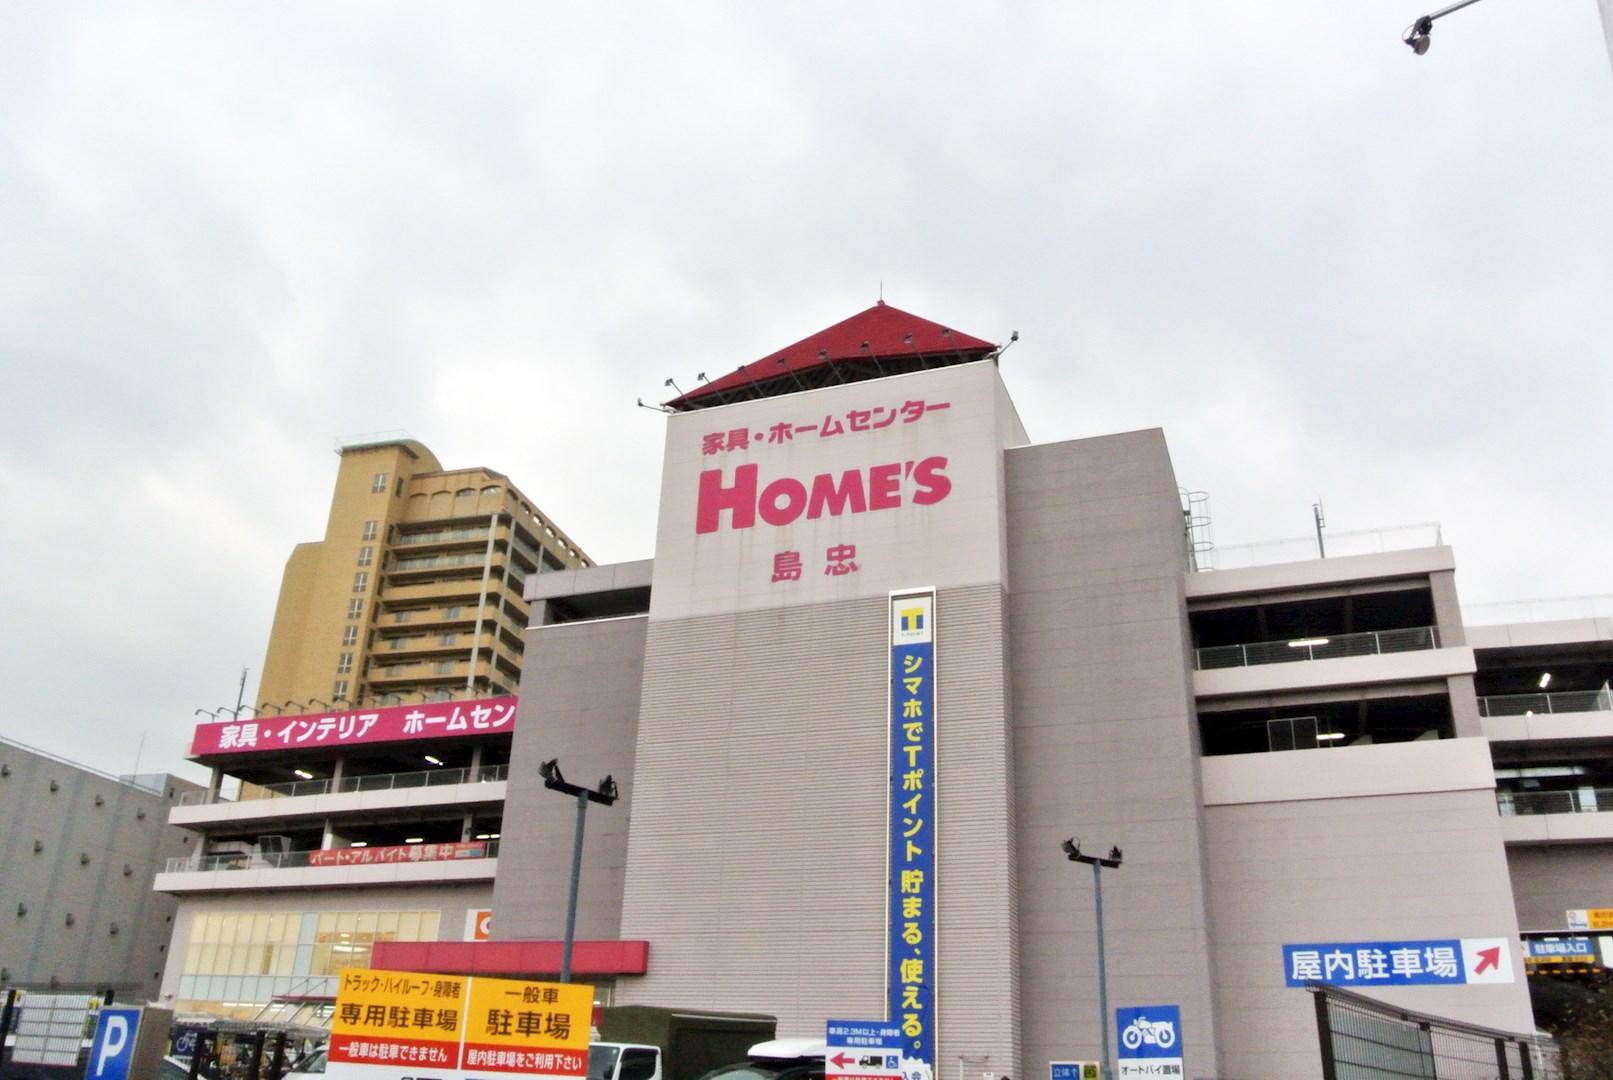 ホームセンター:島忠HOME'S(島忠ホームズ) 足立小台店 852m